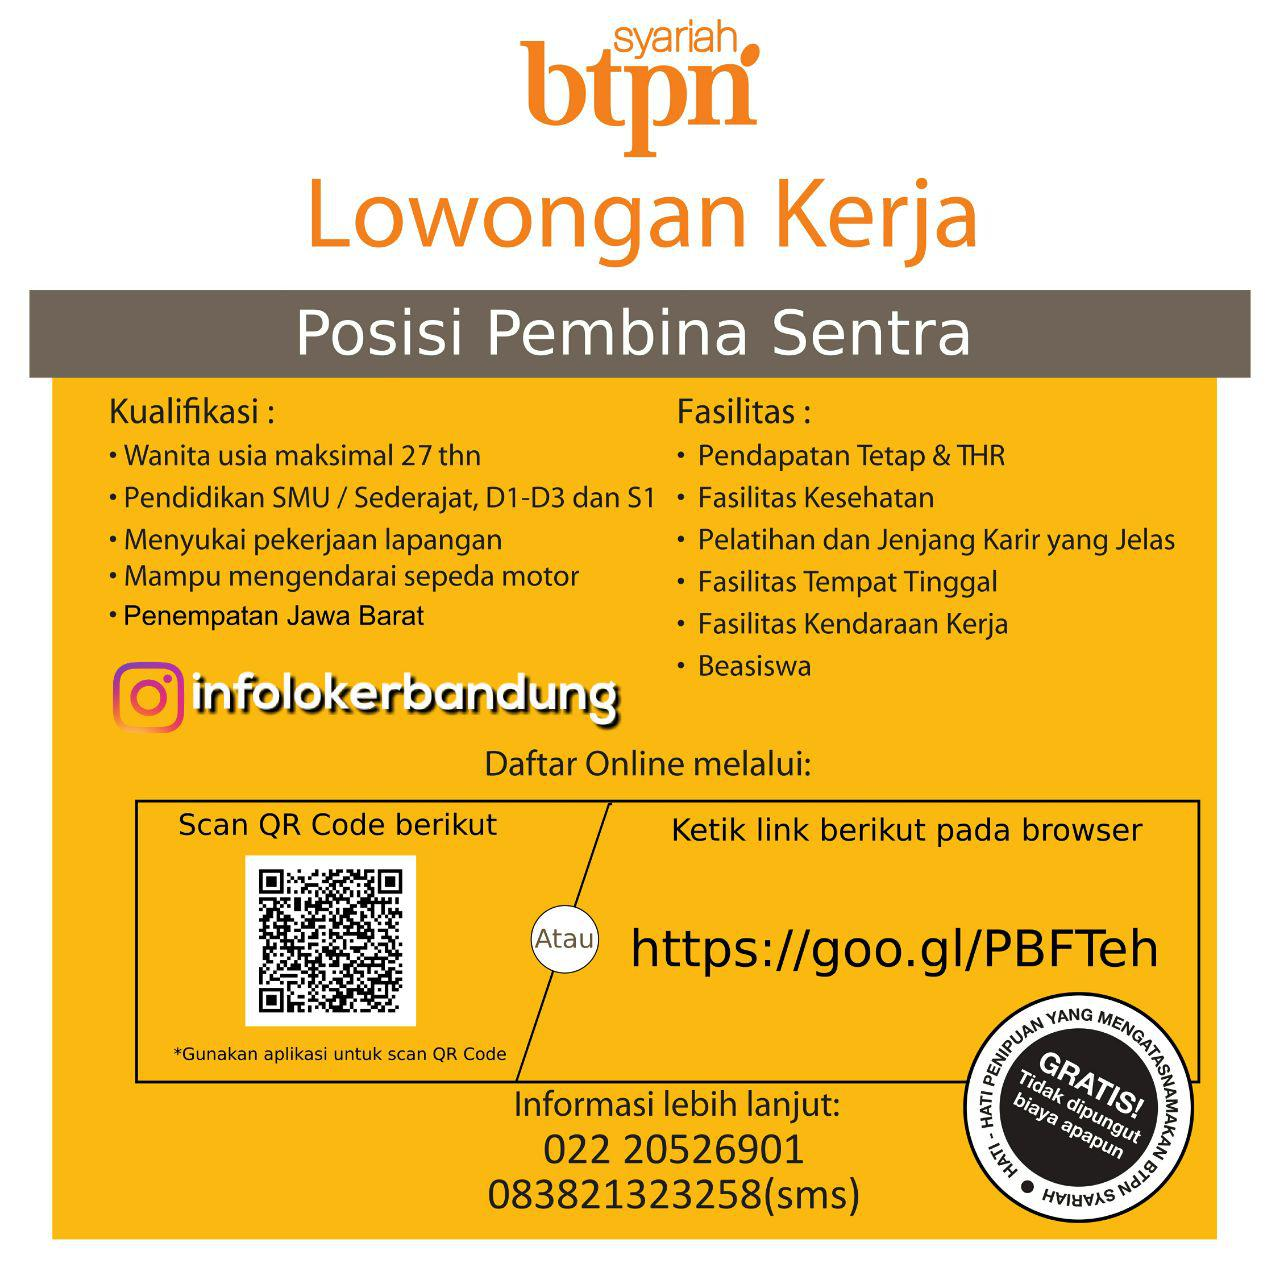 Lowongan Kerja Bank BTPN Syariah Jawa Barat Desember 2017